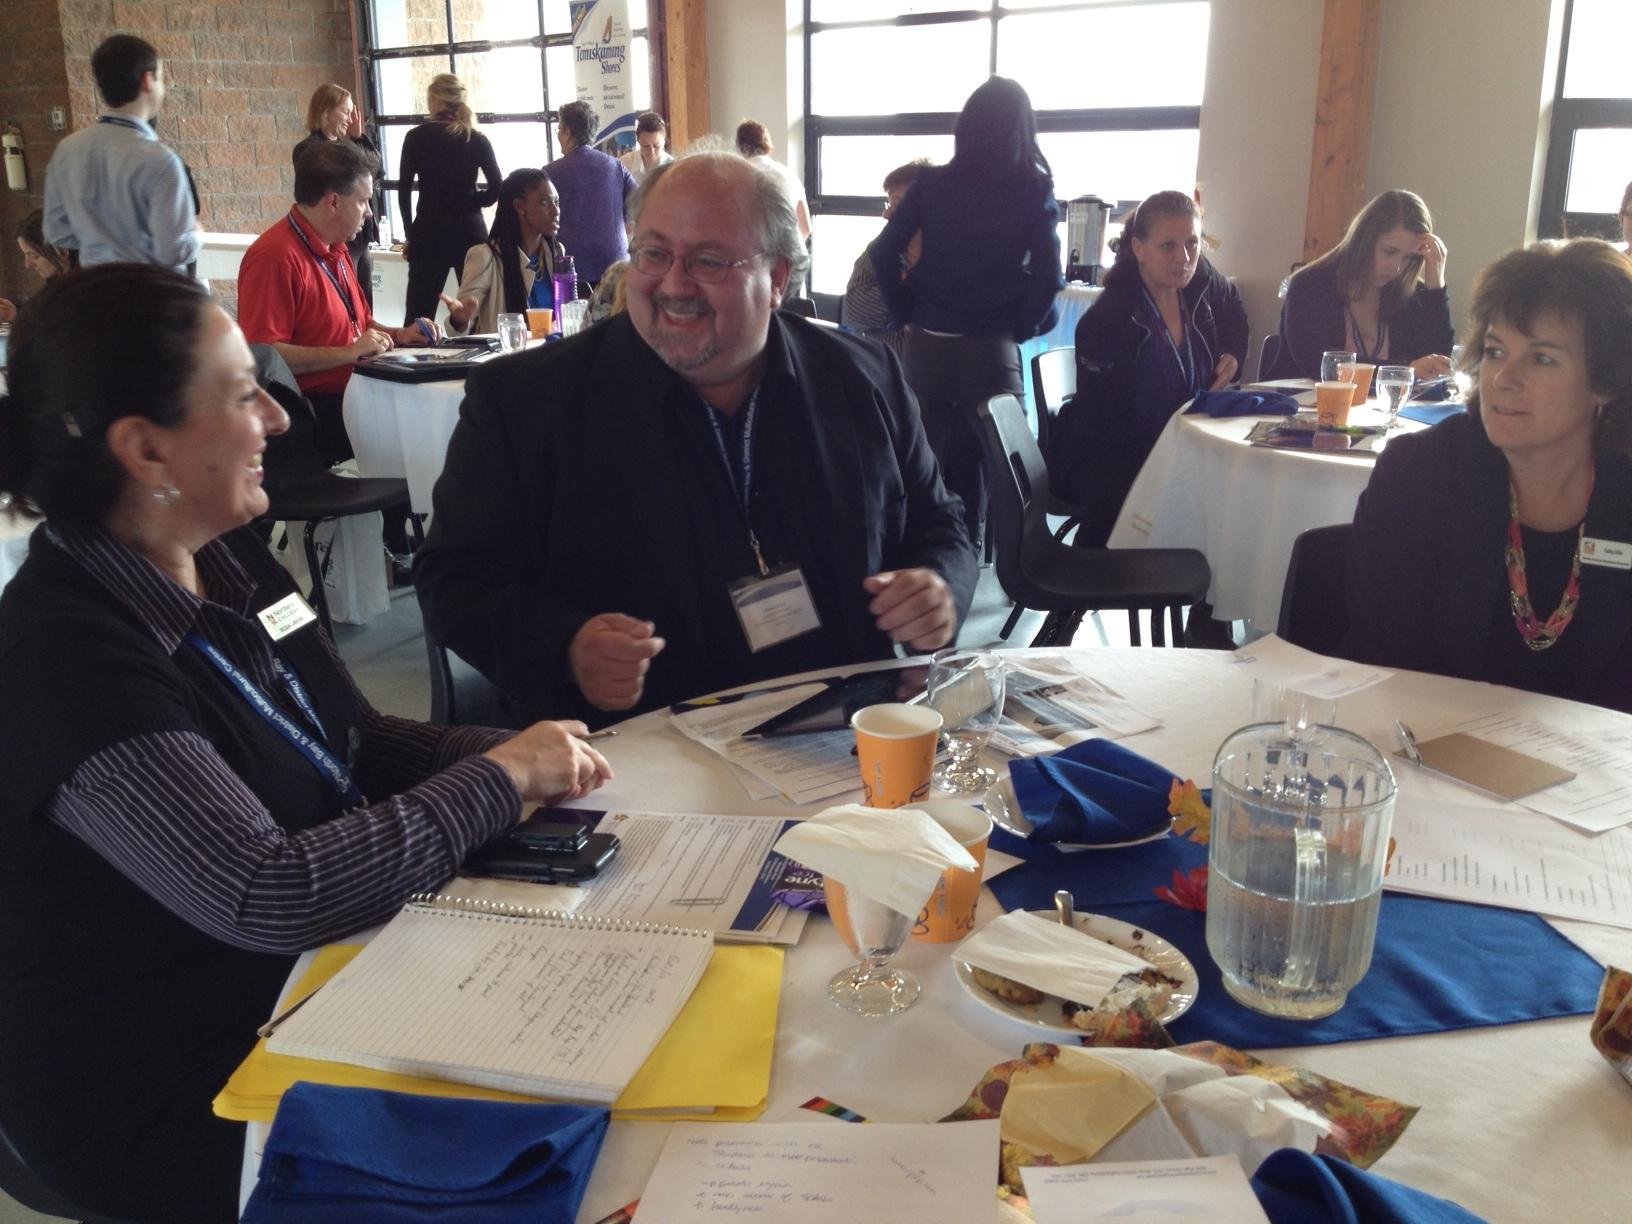 Temiskaming Shores Immigration Symposium